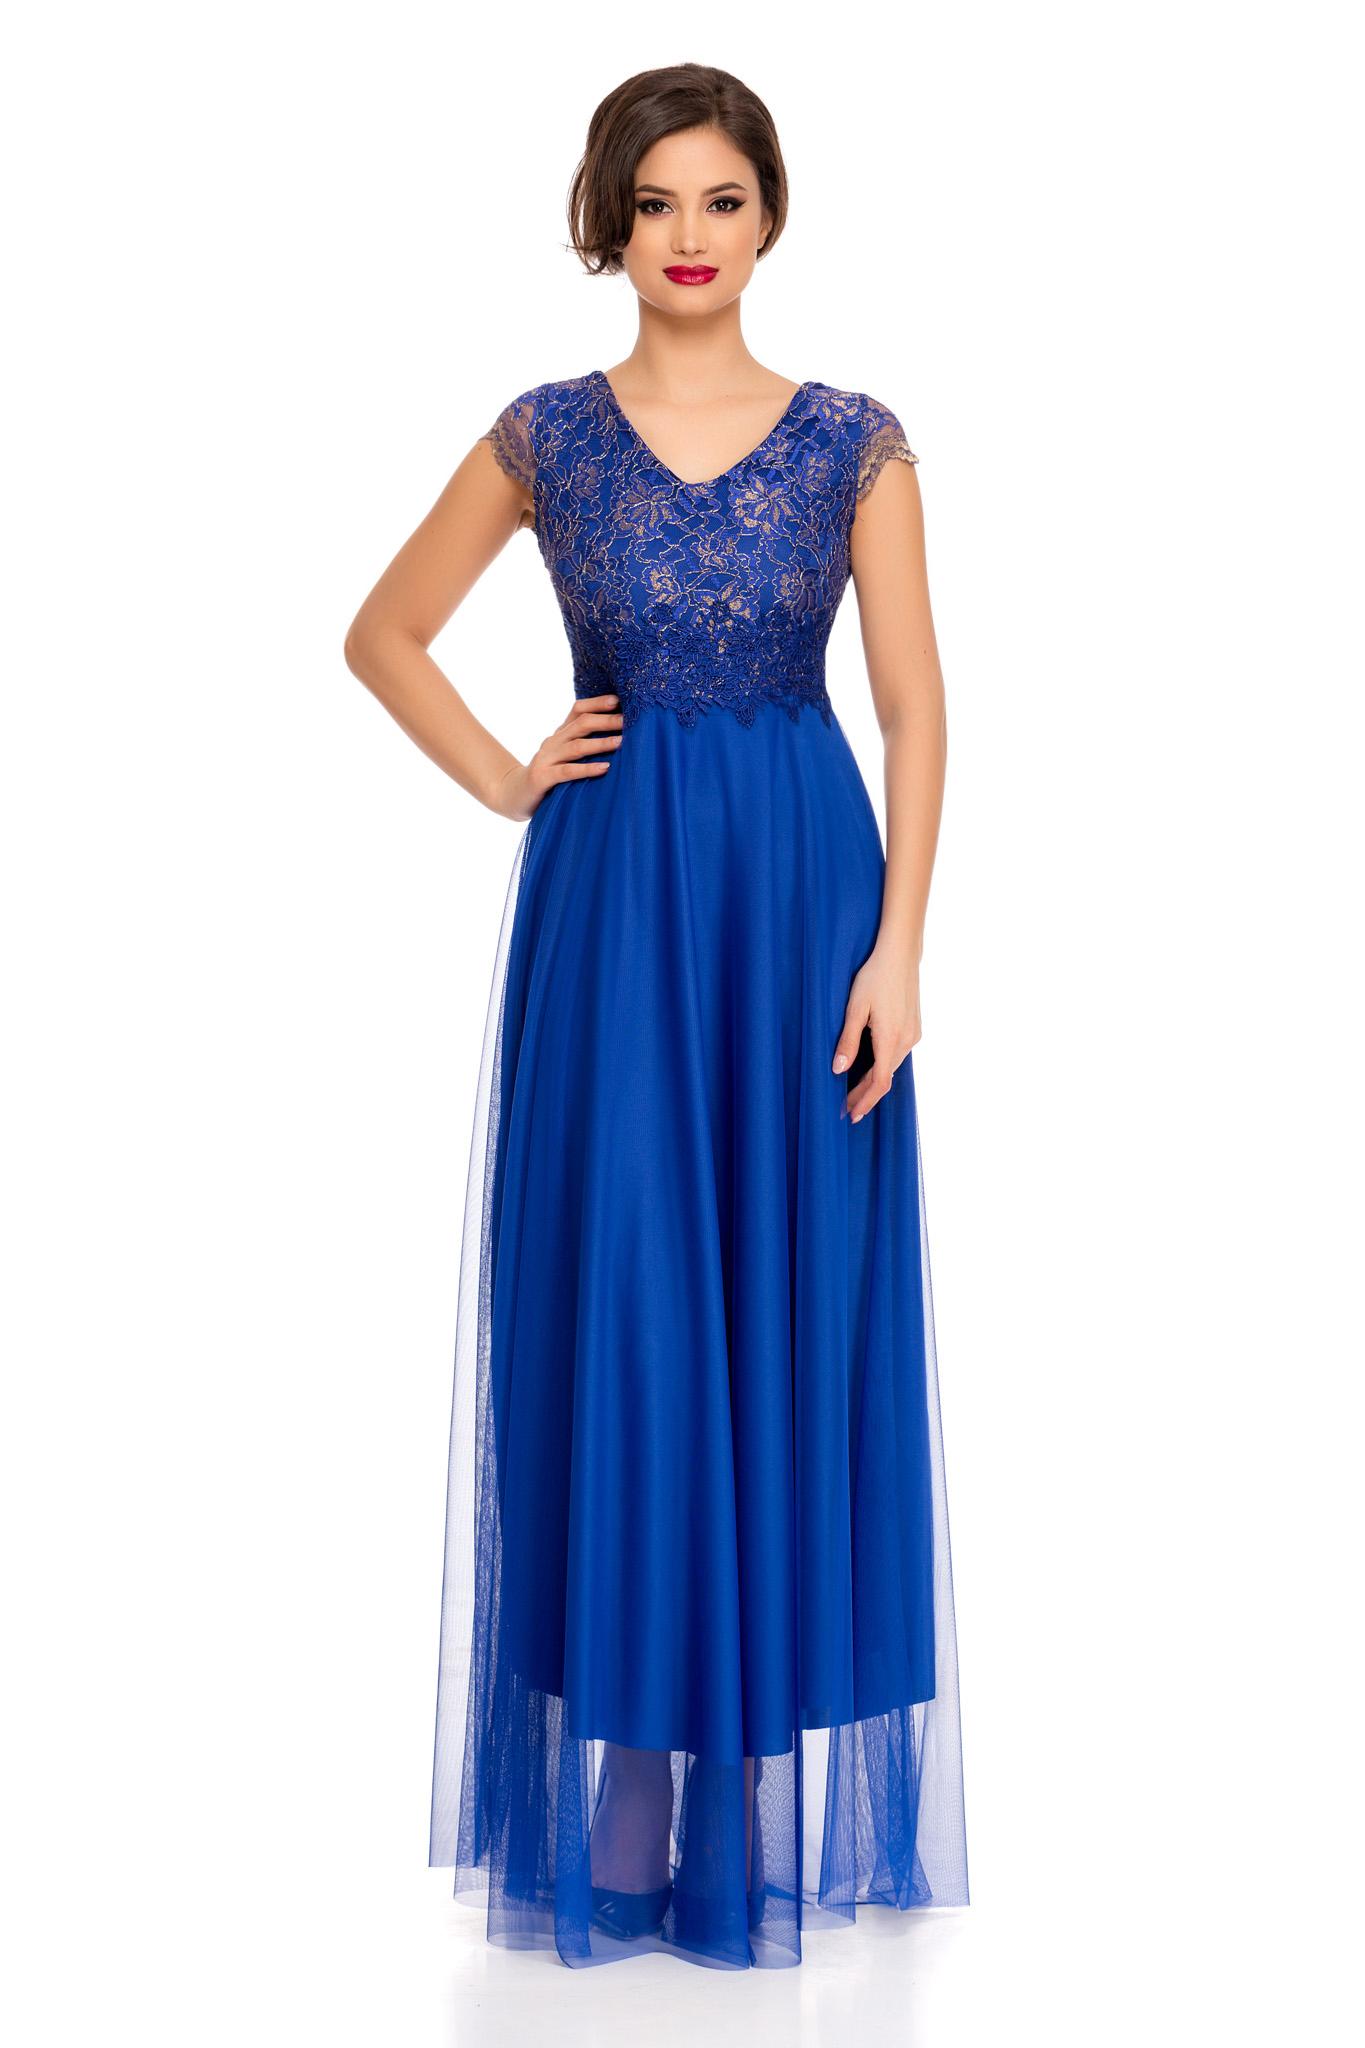 rochie aurora albastra